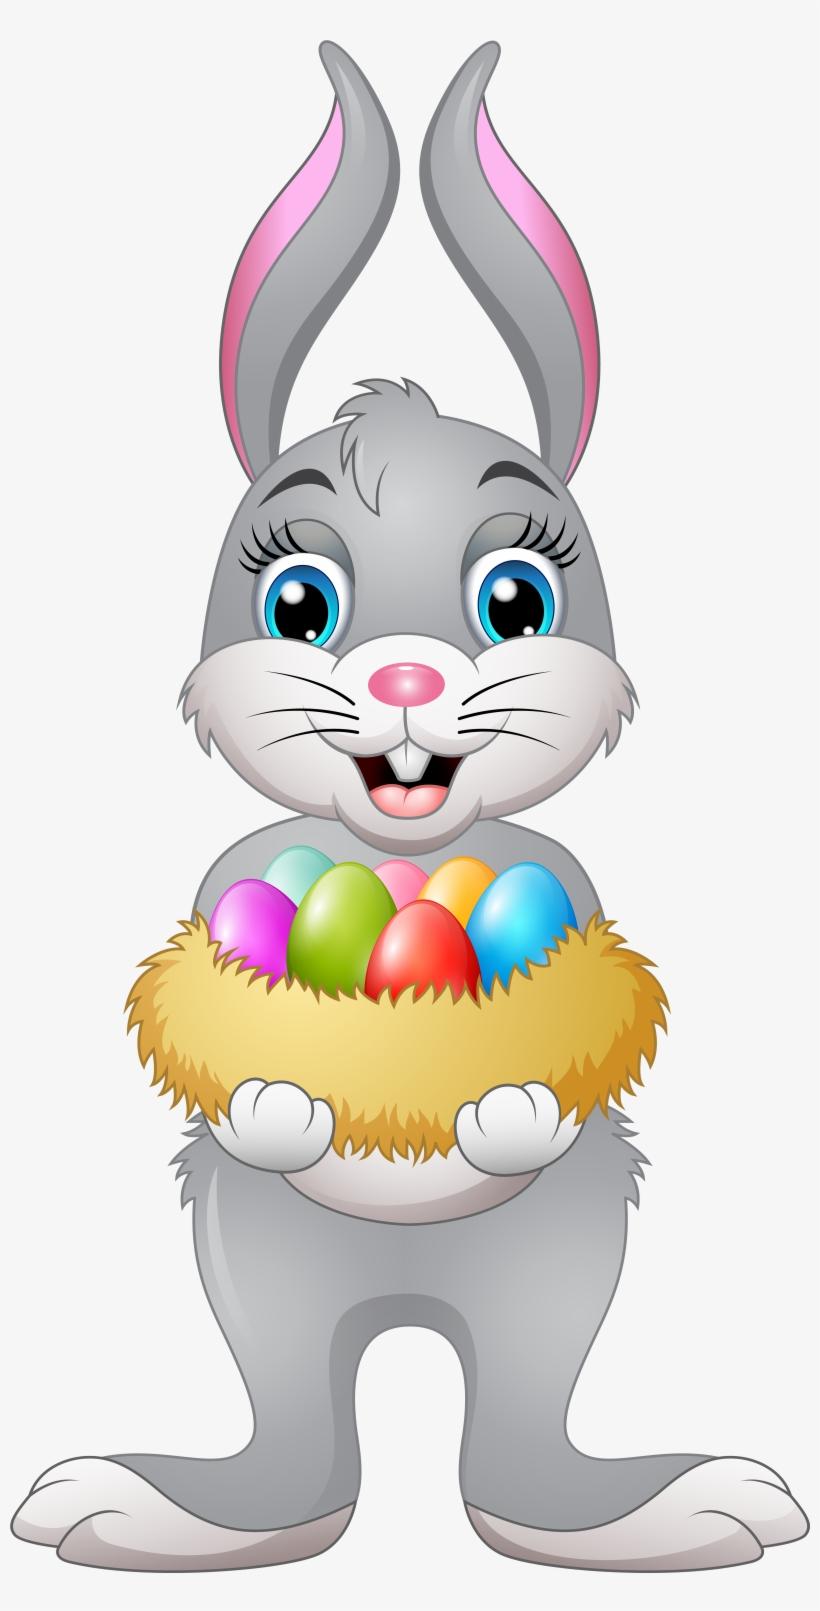 Easter Bunny Transparent Image - Easter Bunny Holding Easter Egg, transparent png #9393696